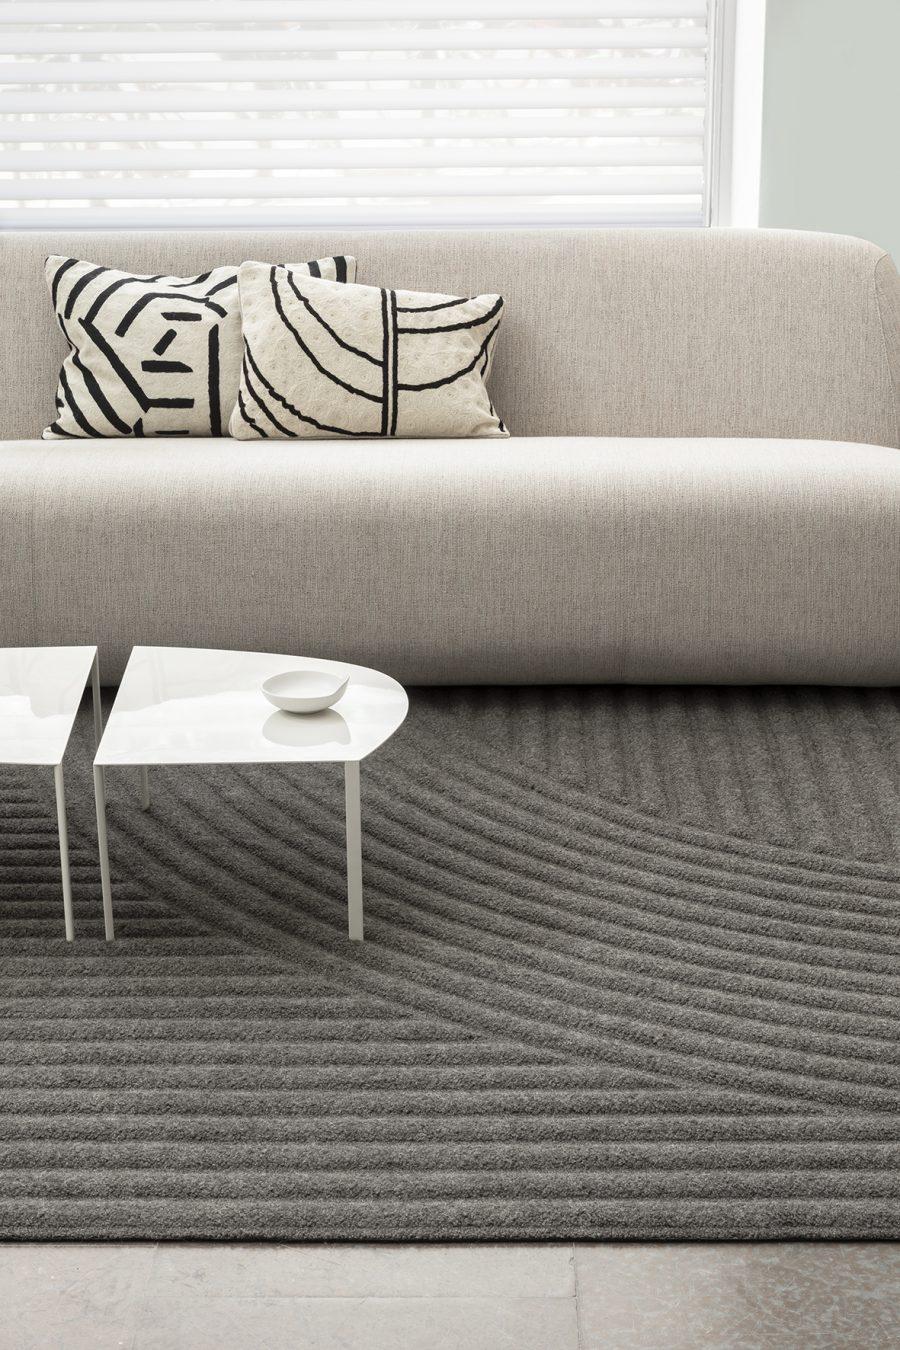 Handtuftad matta Zen från Ogeborg Design Collection, designsamarbete med Axel Bjurström.